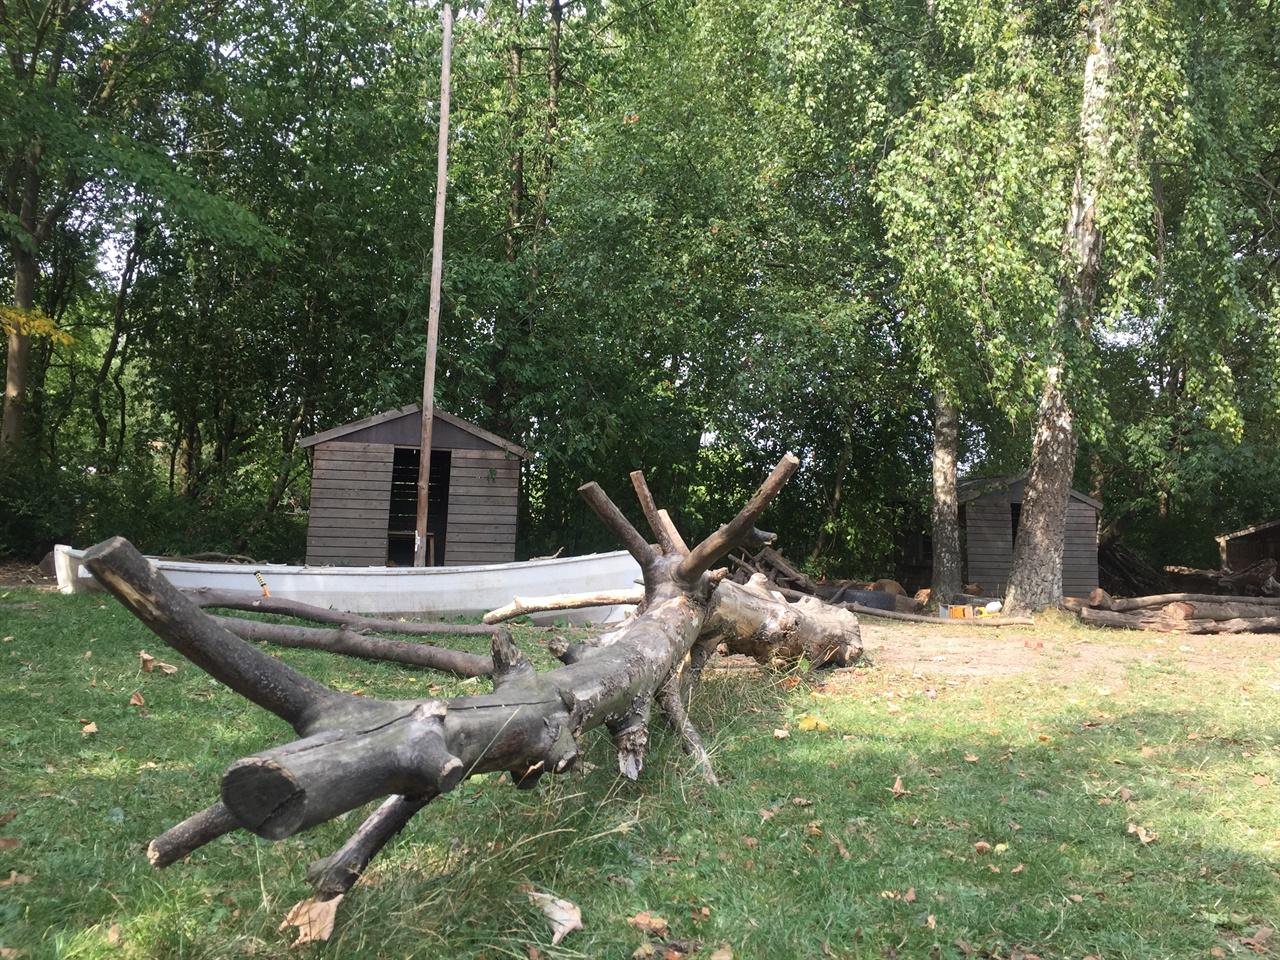 스톨홀름스게이브 숲유치원 전경 숲유치원은 아이들이 숲에서 가지고 놀 수 있는 손수레와 공구가 있는 오두막과 나무로 만든 나뭇배도 조성되어 있다. 5m가 넘는 통나무도 잔디밭 한가운데 놓여 있다.